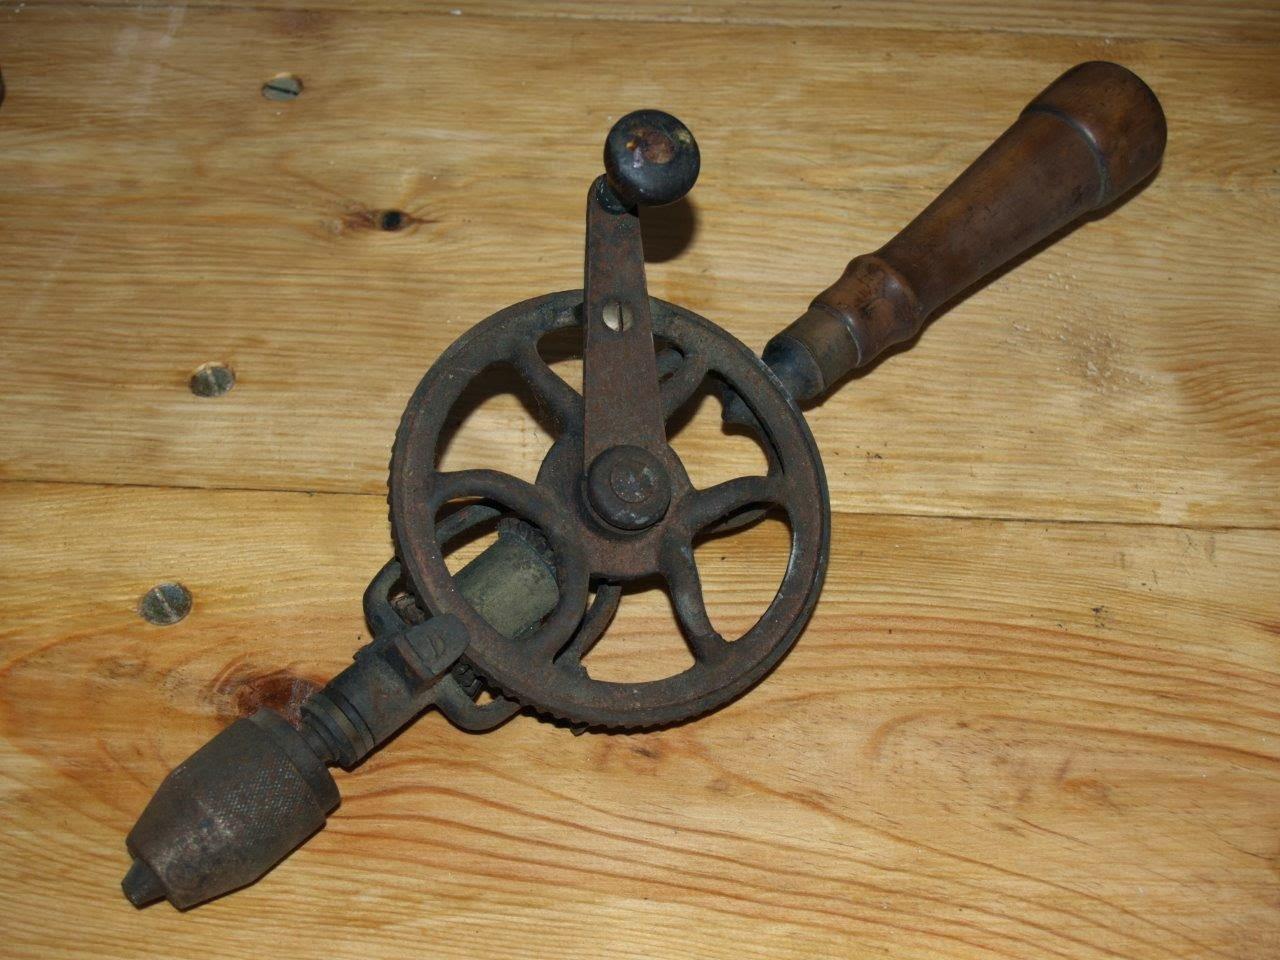 Procoleccionismo una colecci n de herramientas ferramentas - Herramientas de campo antiguas ...